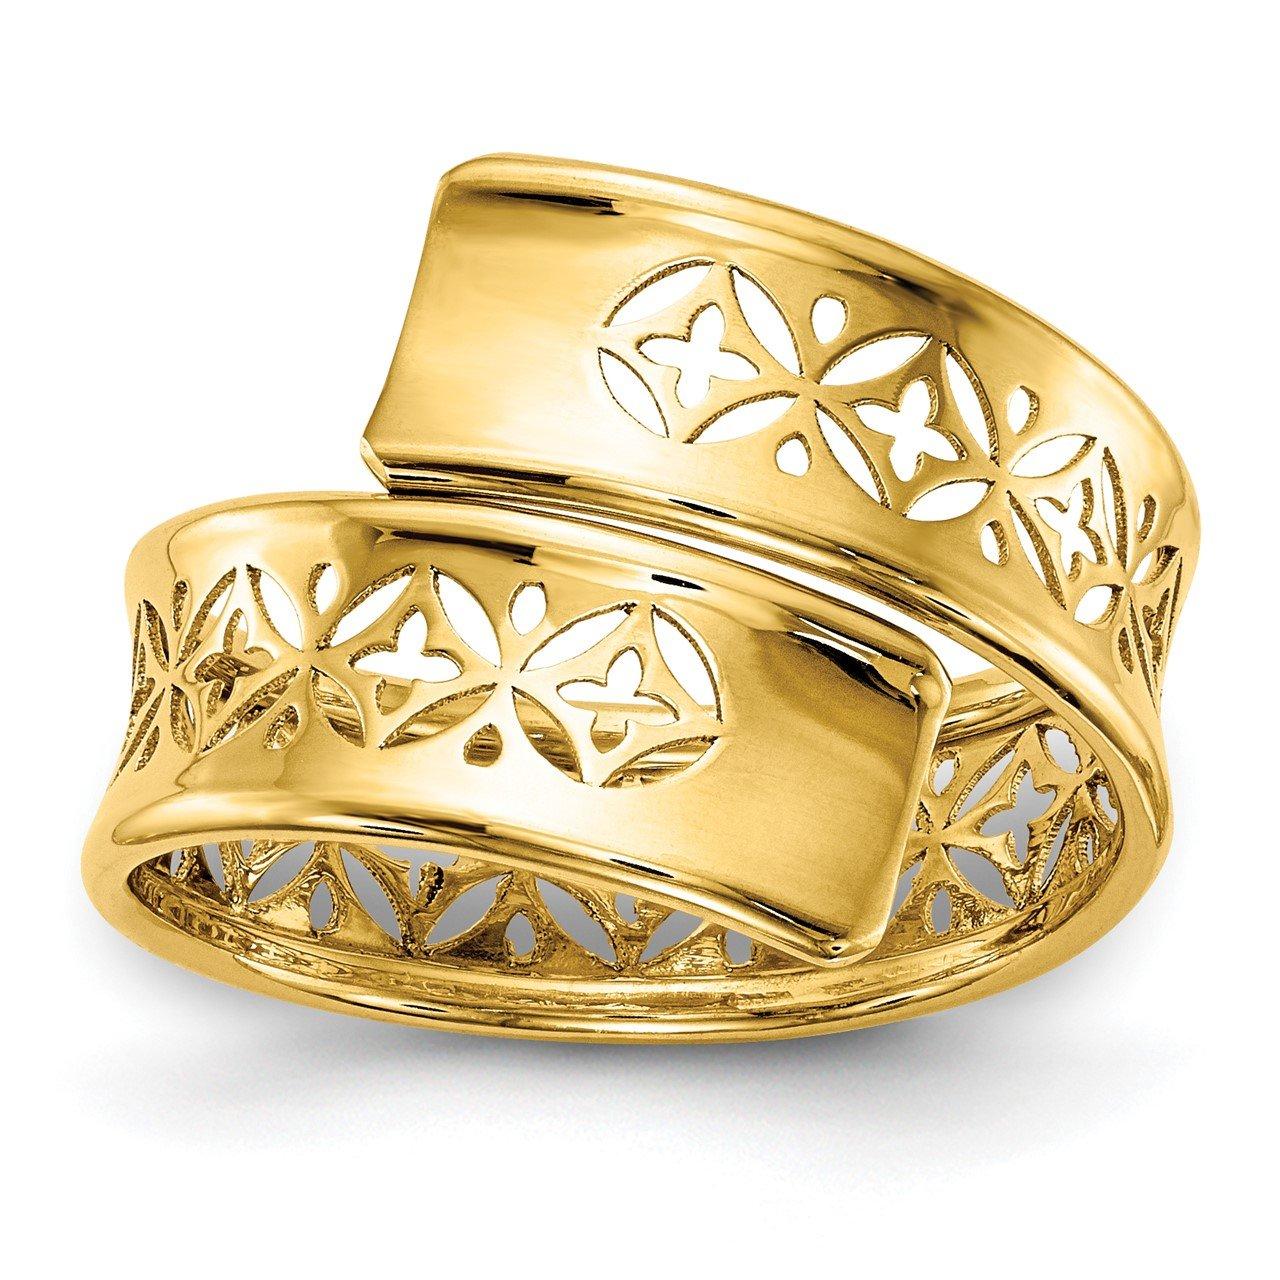 Leslie's 14K Polished Cut-out Adjustable Wrap Ring